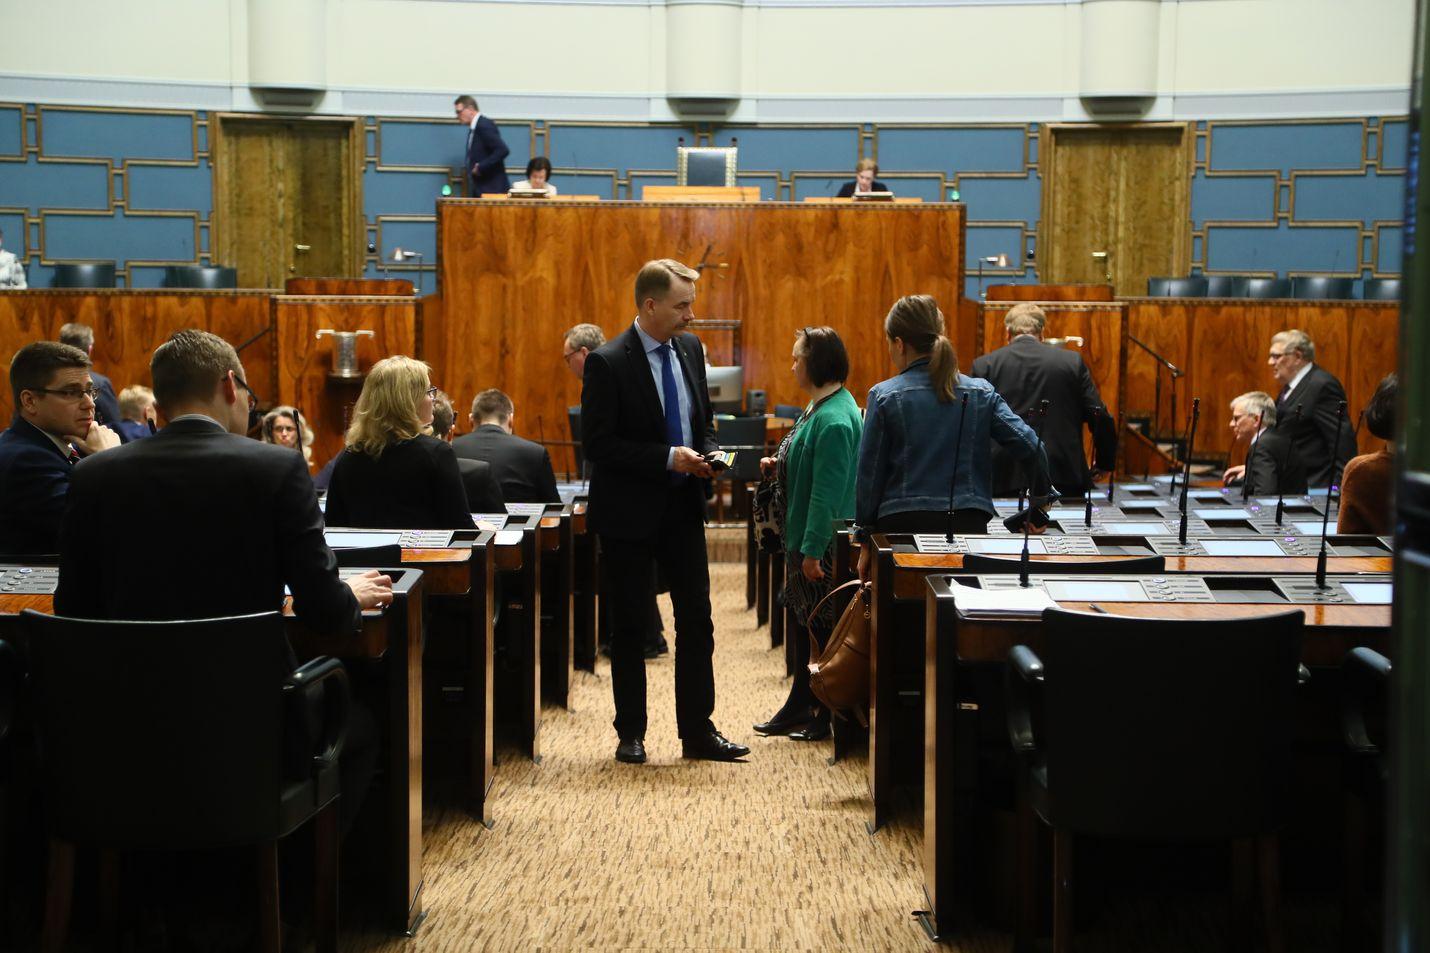 Eduskunnan ensimmäinen istunto keskiviikkona kello 15 kesti vain viitisen minuuttia.